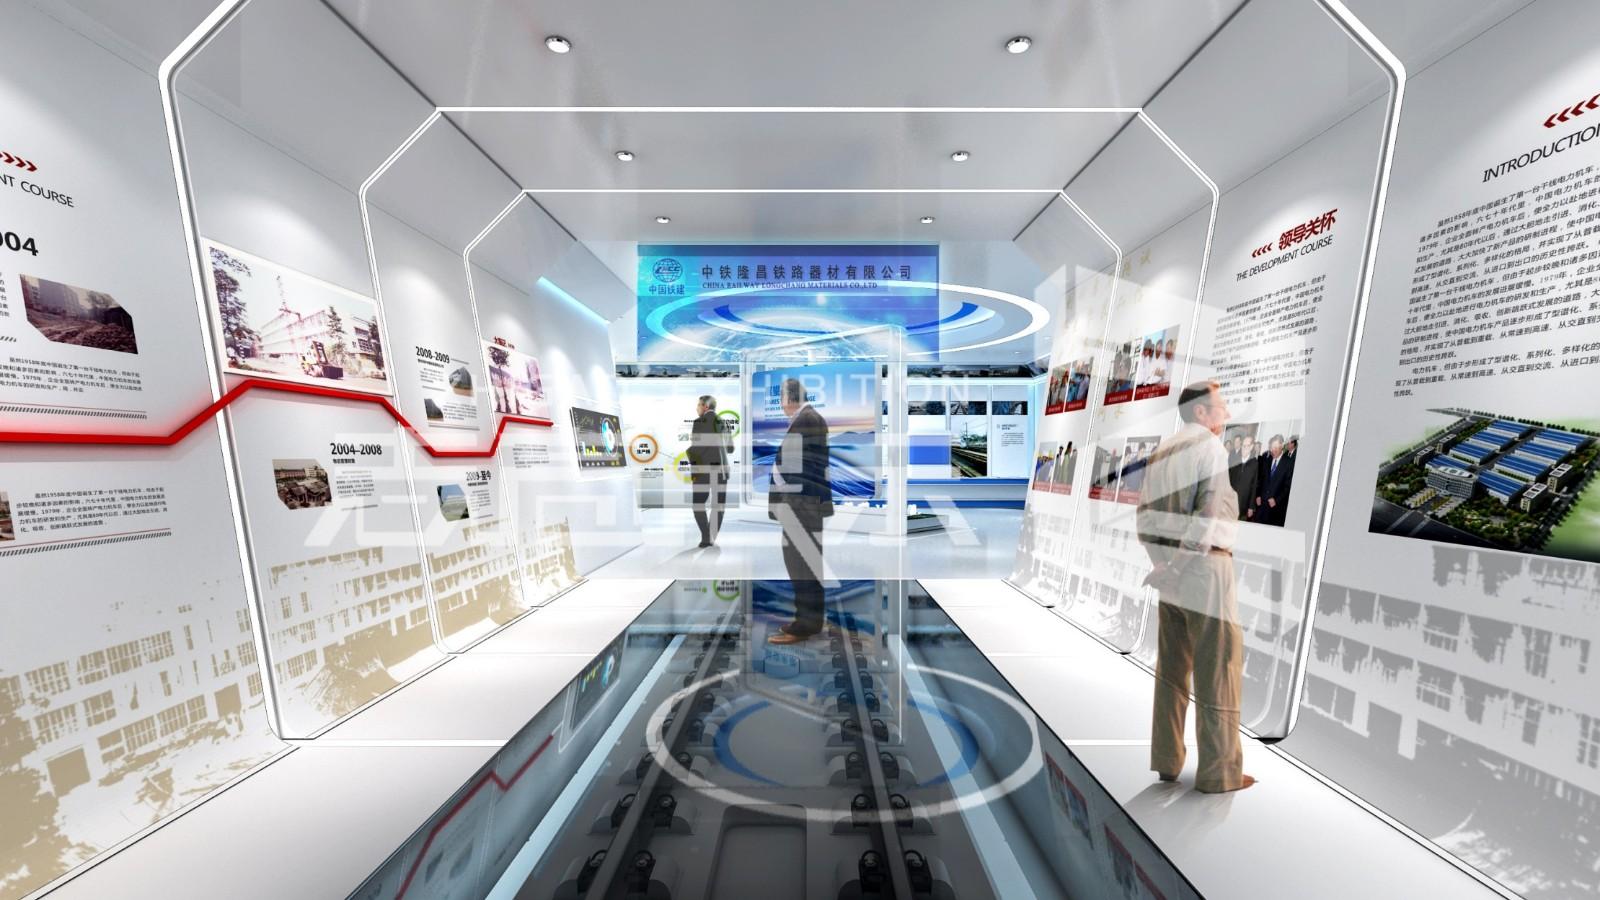 中铁隆昌铁路器材有限公司企业展示